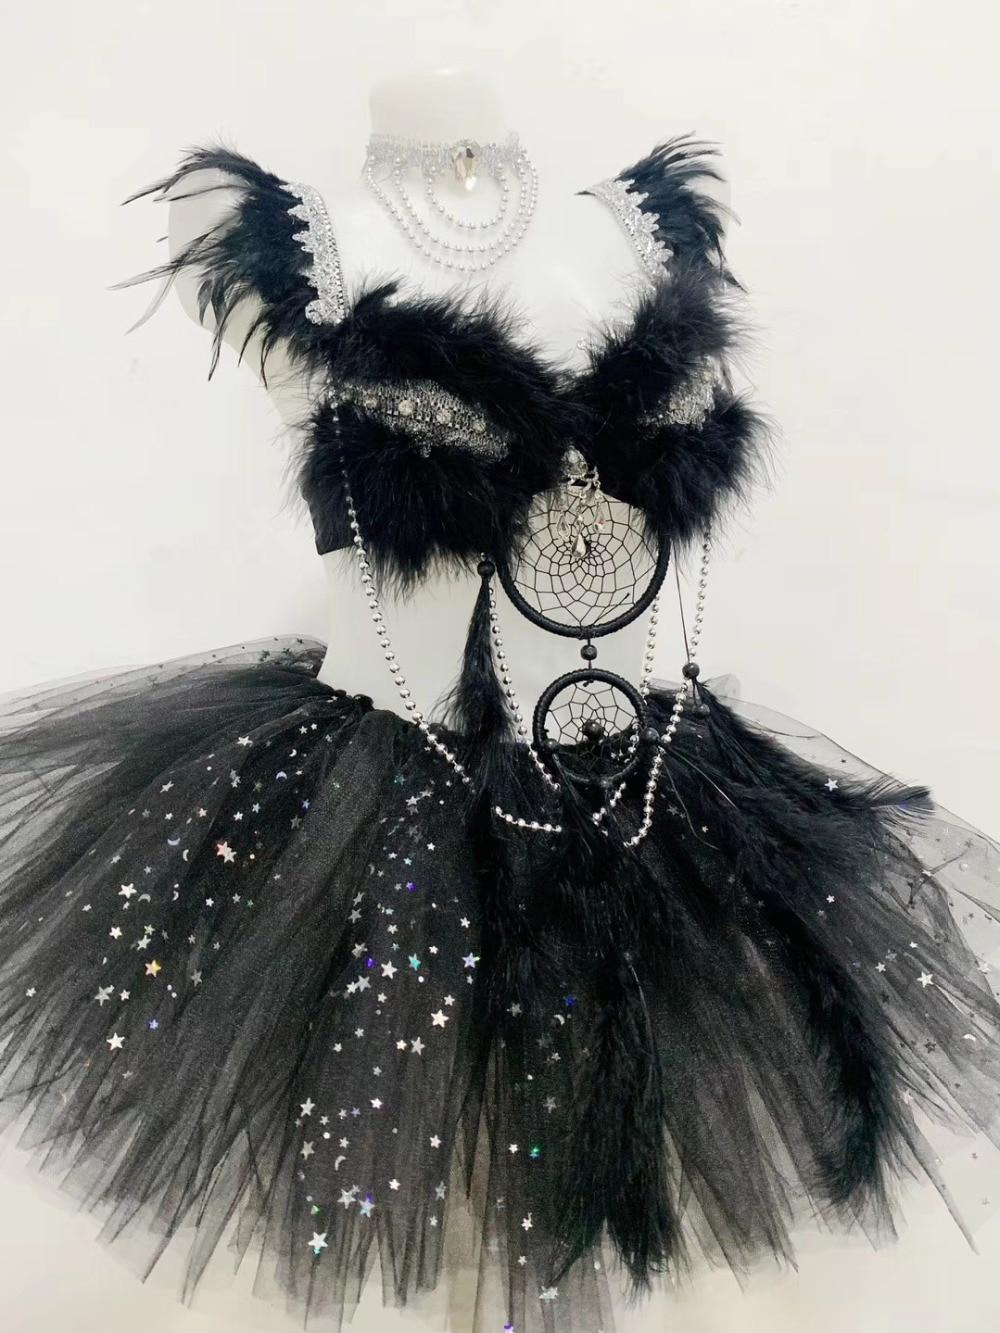 (ketting + Bikini + Rok) Zwarte Veren Kristallen Bh Sets Sexy Vrouwelijke Stadium Outfit Musical Festival Bar Party Kostuum Dans Slijtage Van Het Grootste Gemak